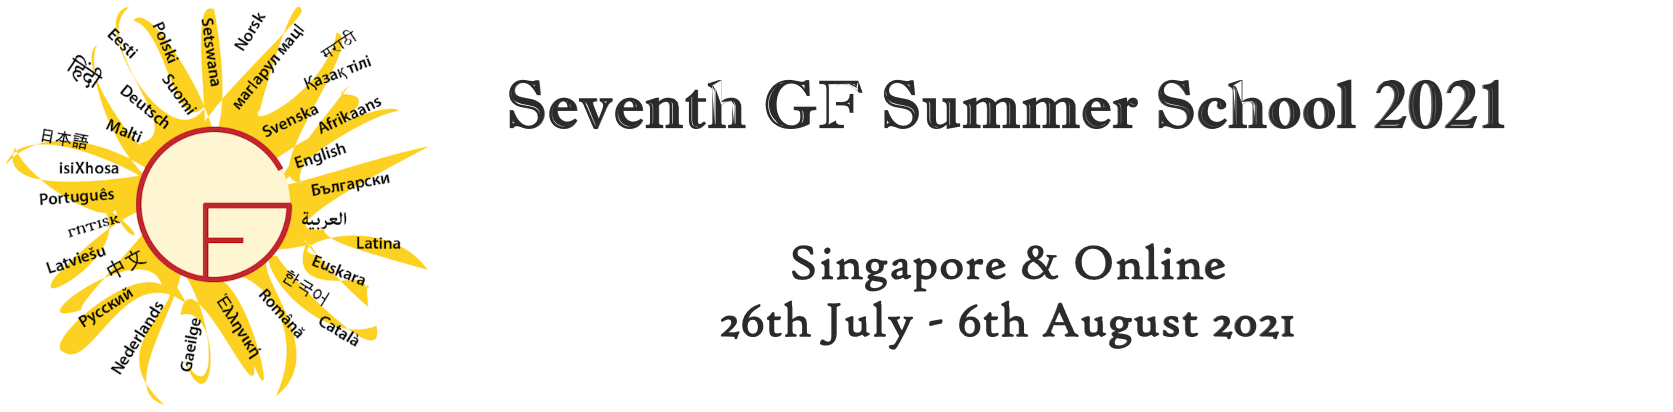 7th GF Summer School 2021